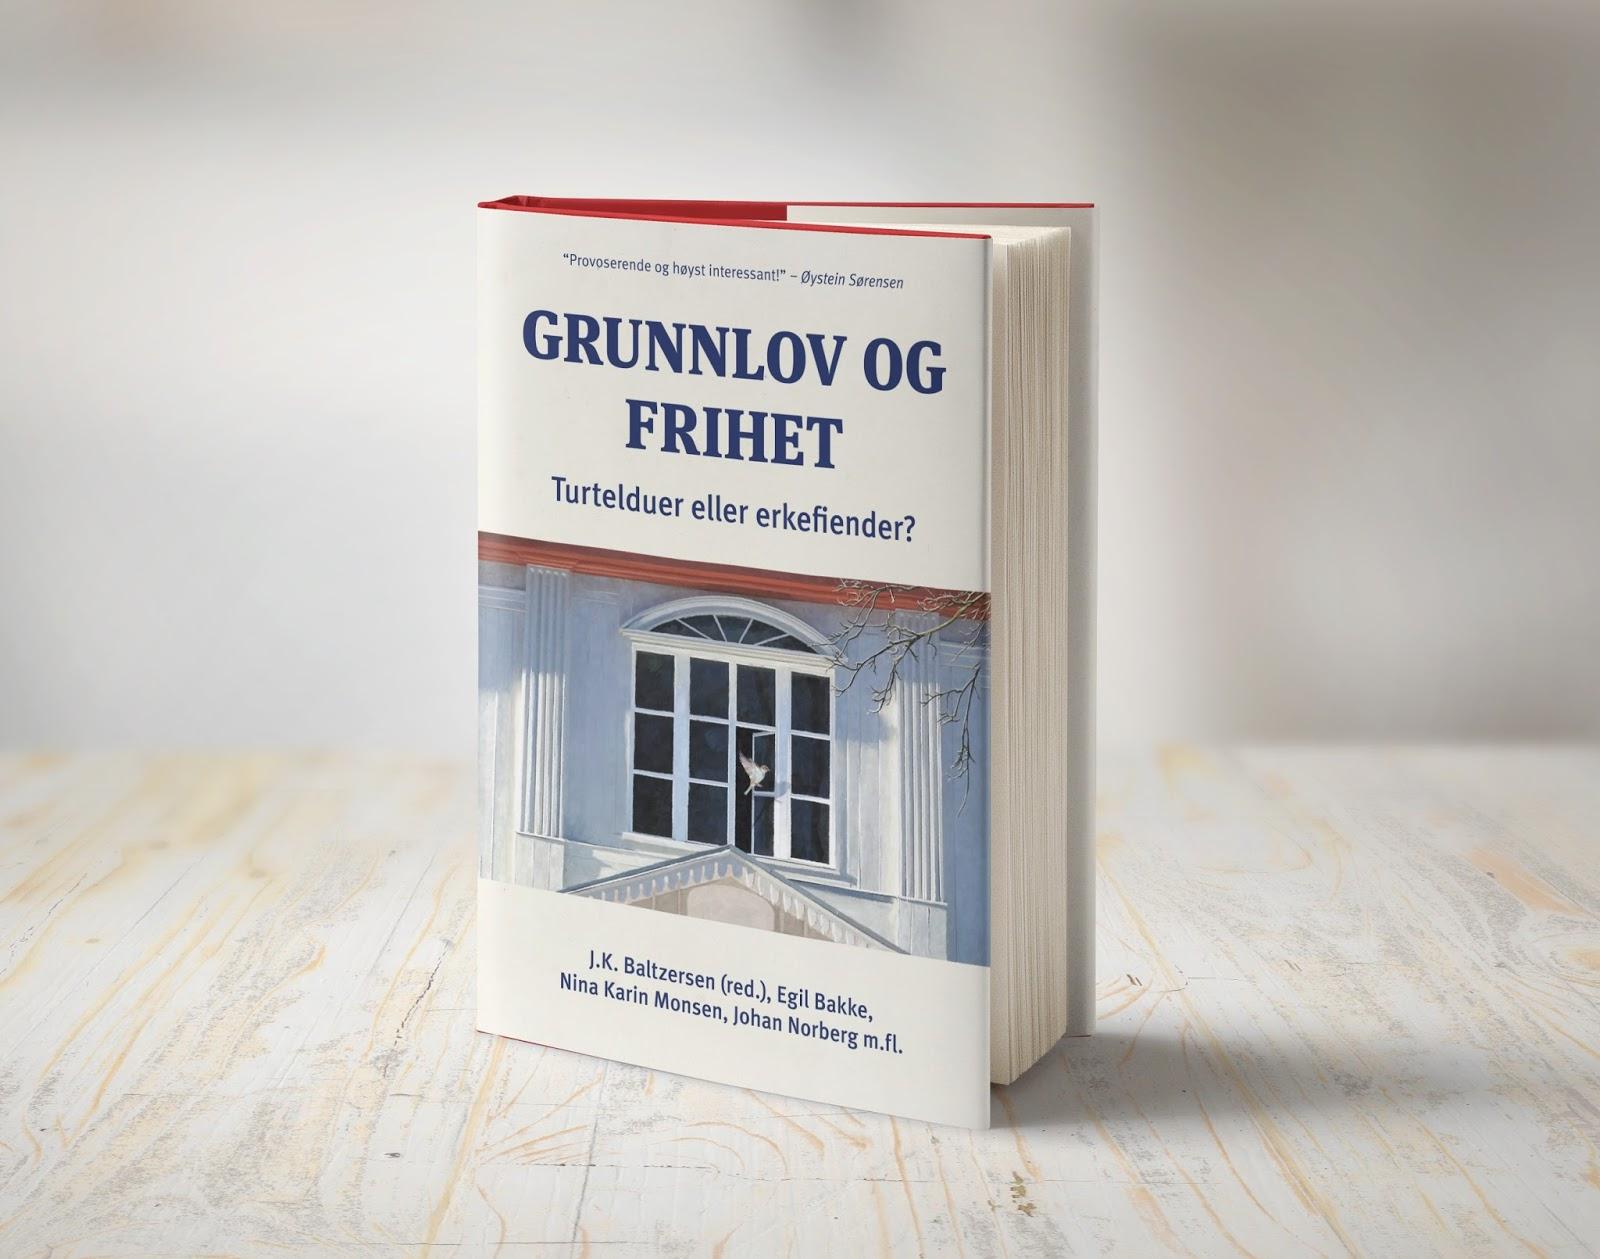 Grunnlov og frihet: turtelduer eller erkefiender?